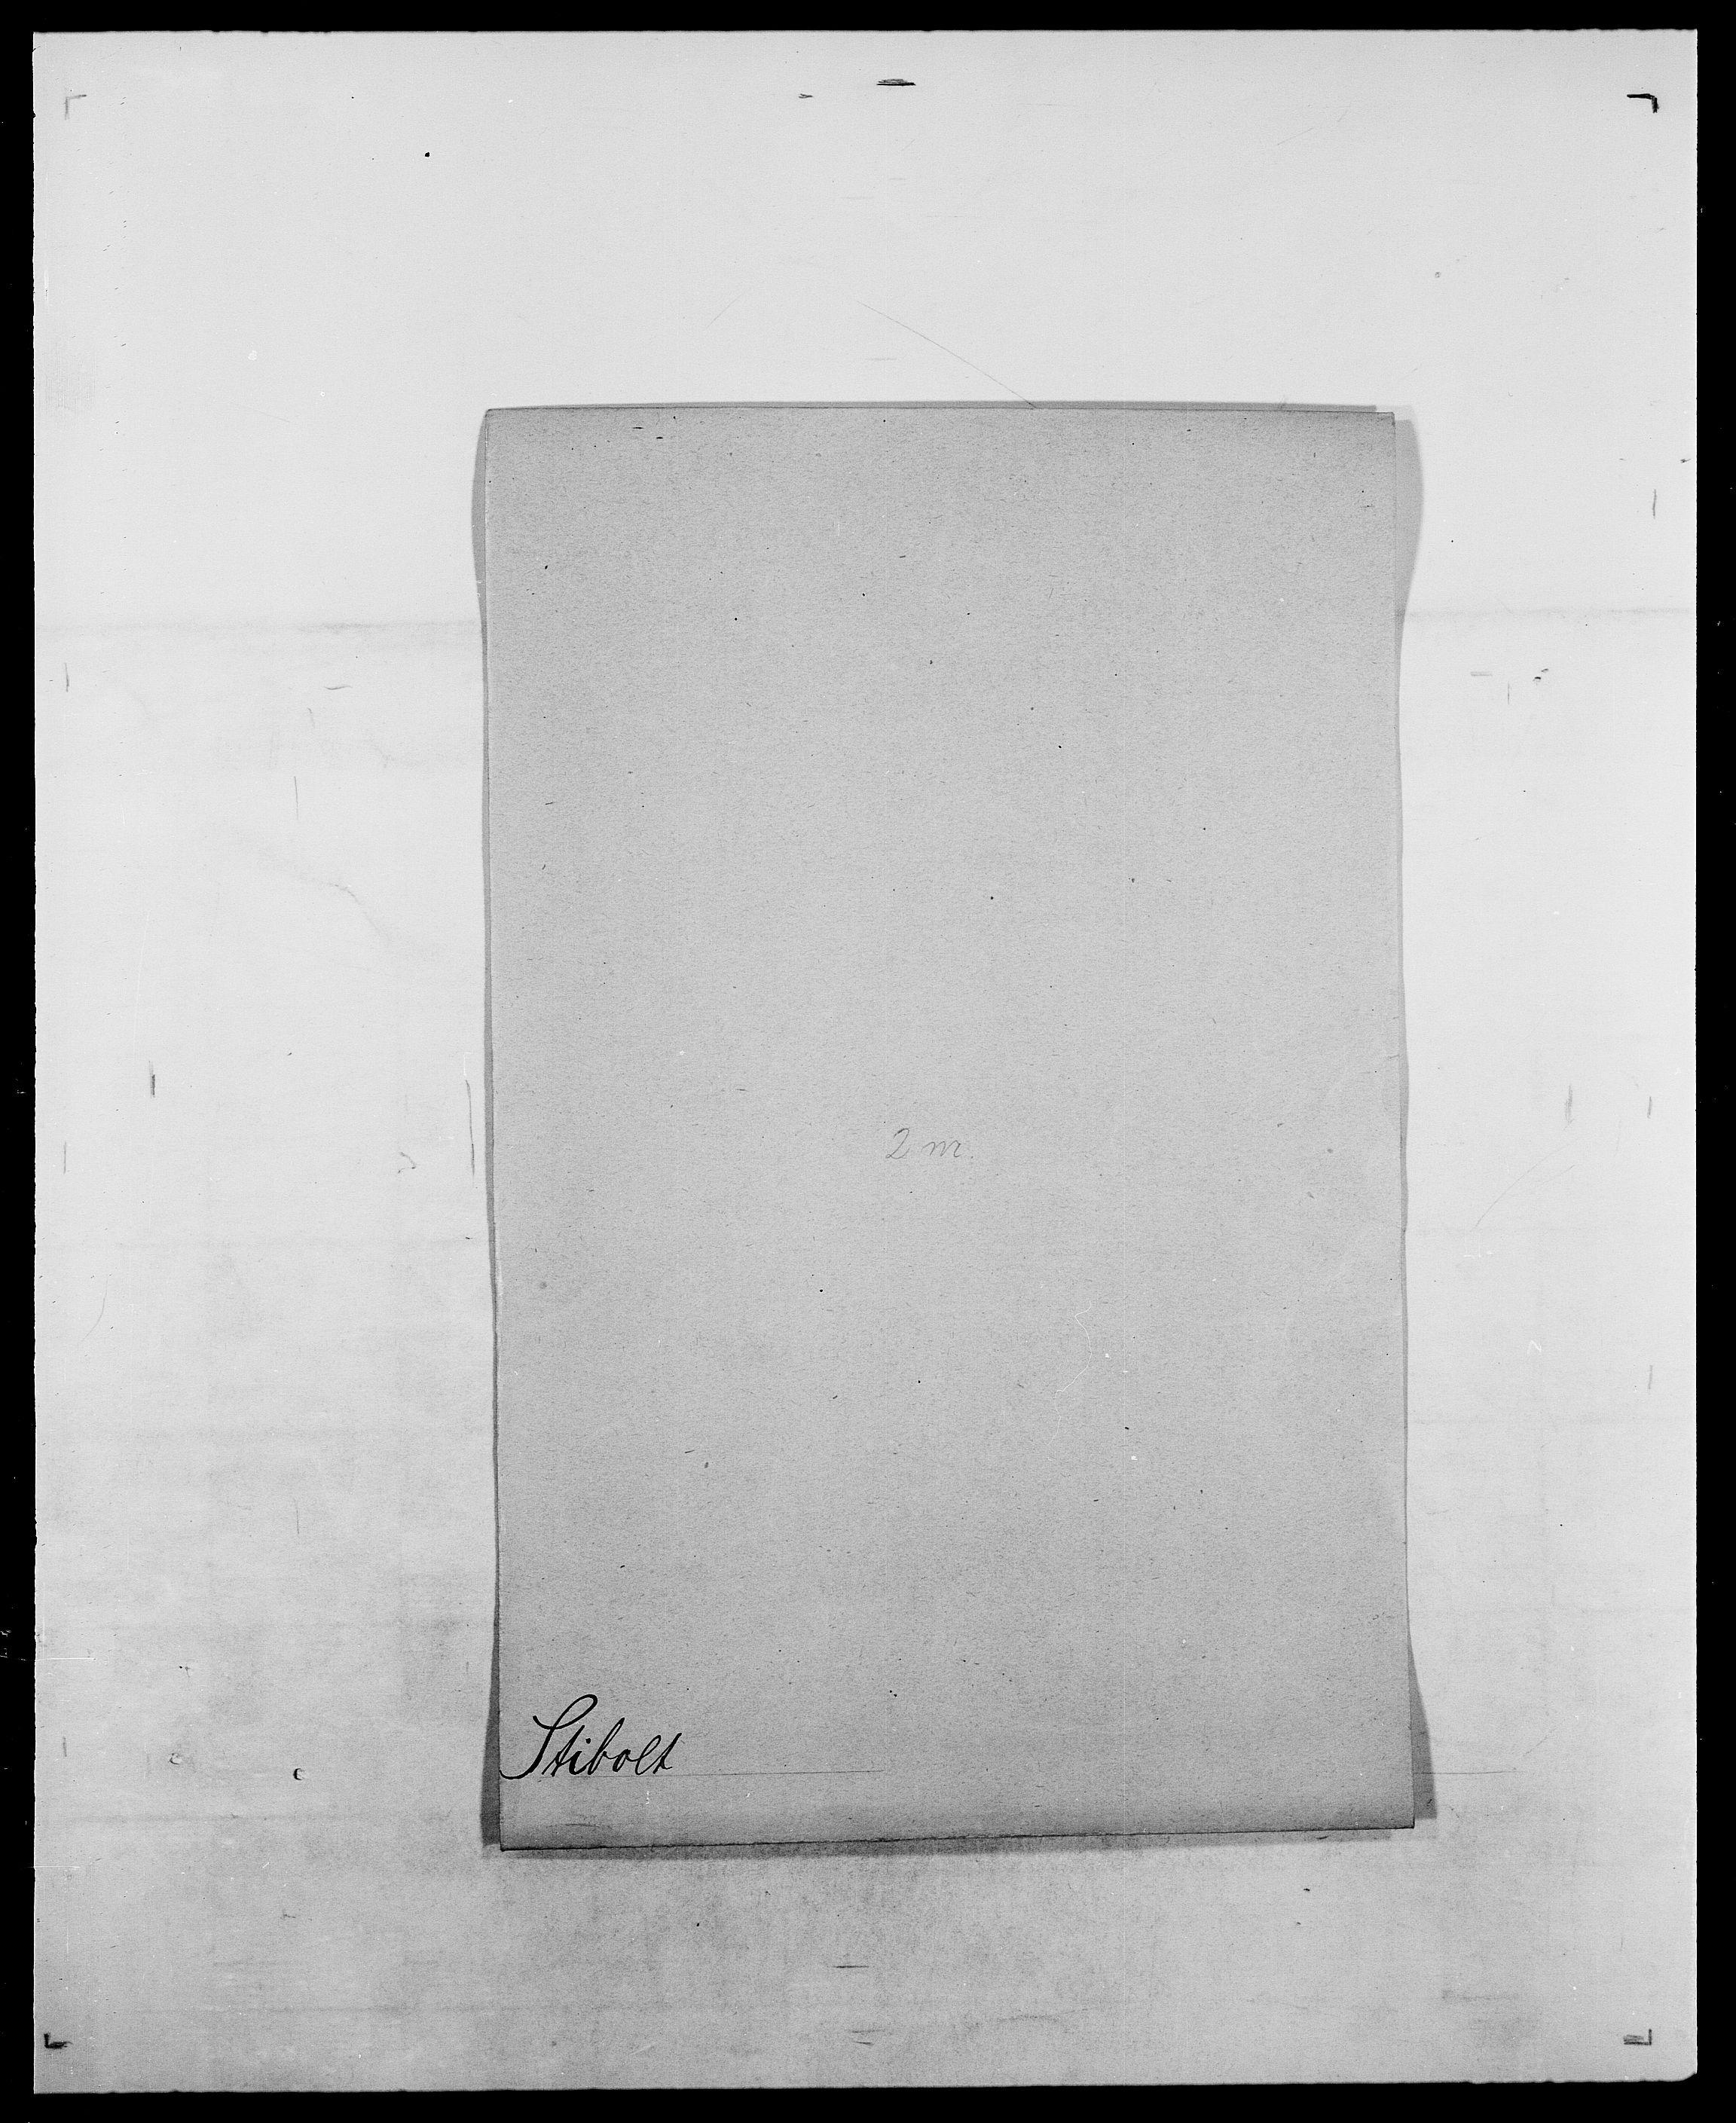 SAO, Delgobe, Charles Antoine - samling, D/Da/L0037: Steen, Sthen, Stein - Svare, Svanige, Svanne, se også Svanning og Schwane, s. 369